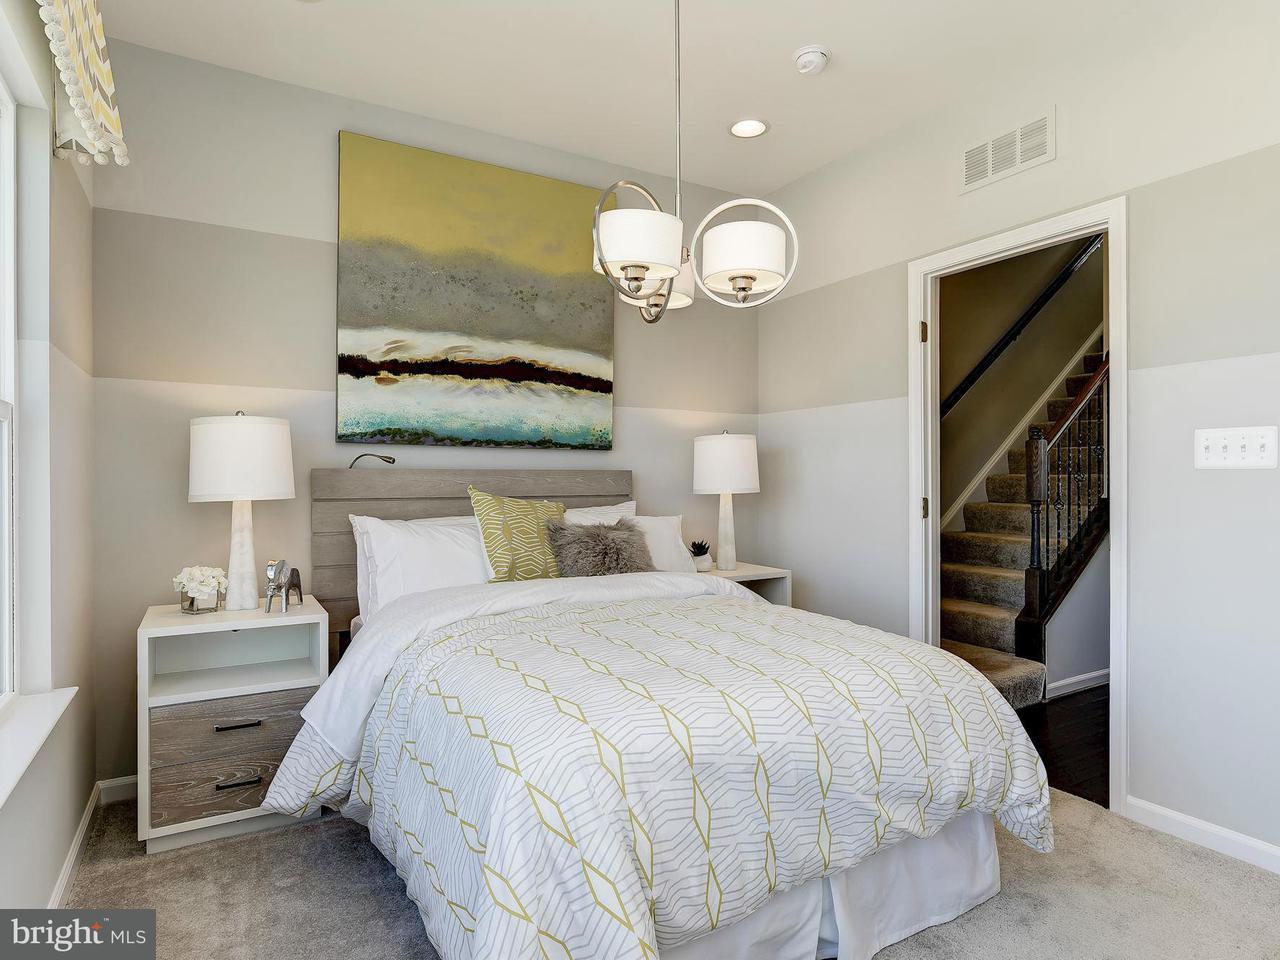 Additional photo for property listing at 3619 JAMISON ST NE 3619 JAMISON ST NE Washington, コロンビア特別区 20018 アメリカ合衆国